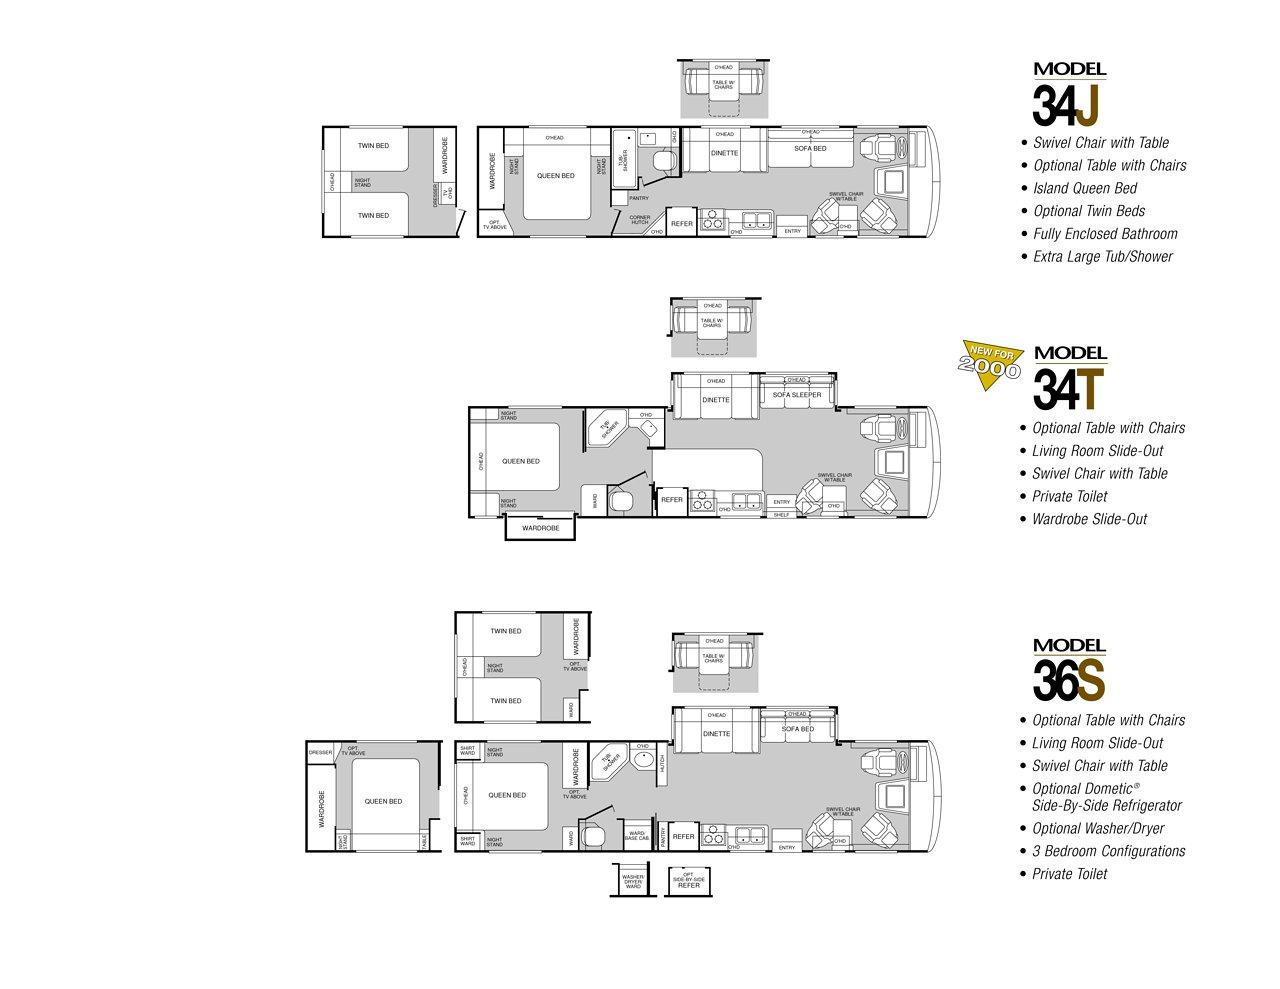 Fleetwood Bounder Floor Plans Gallery Home Fixtures